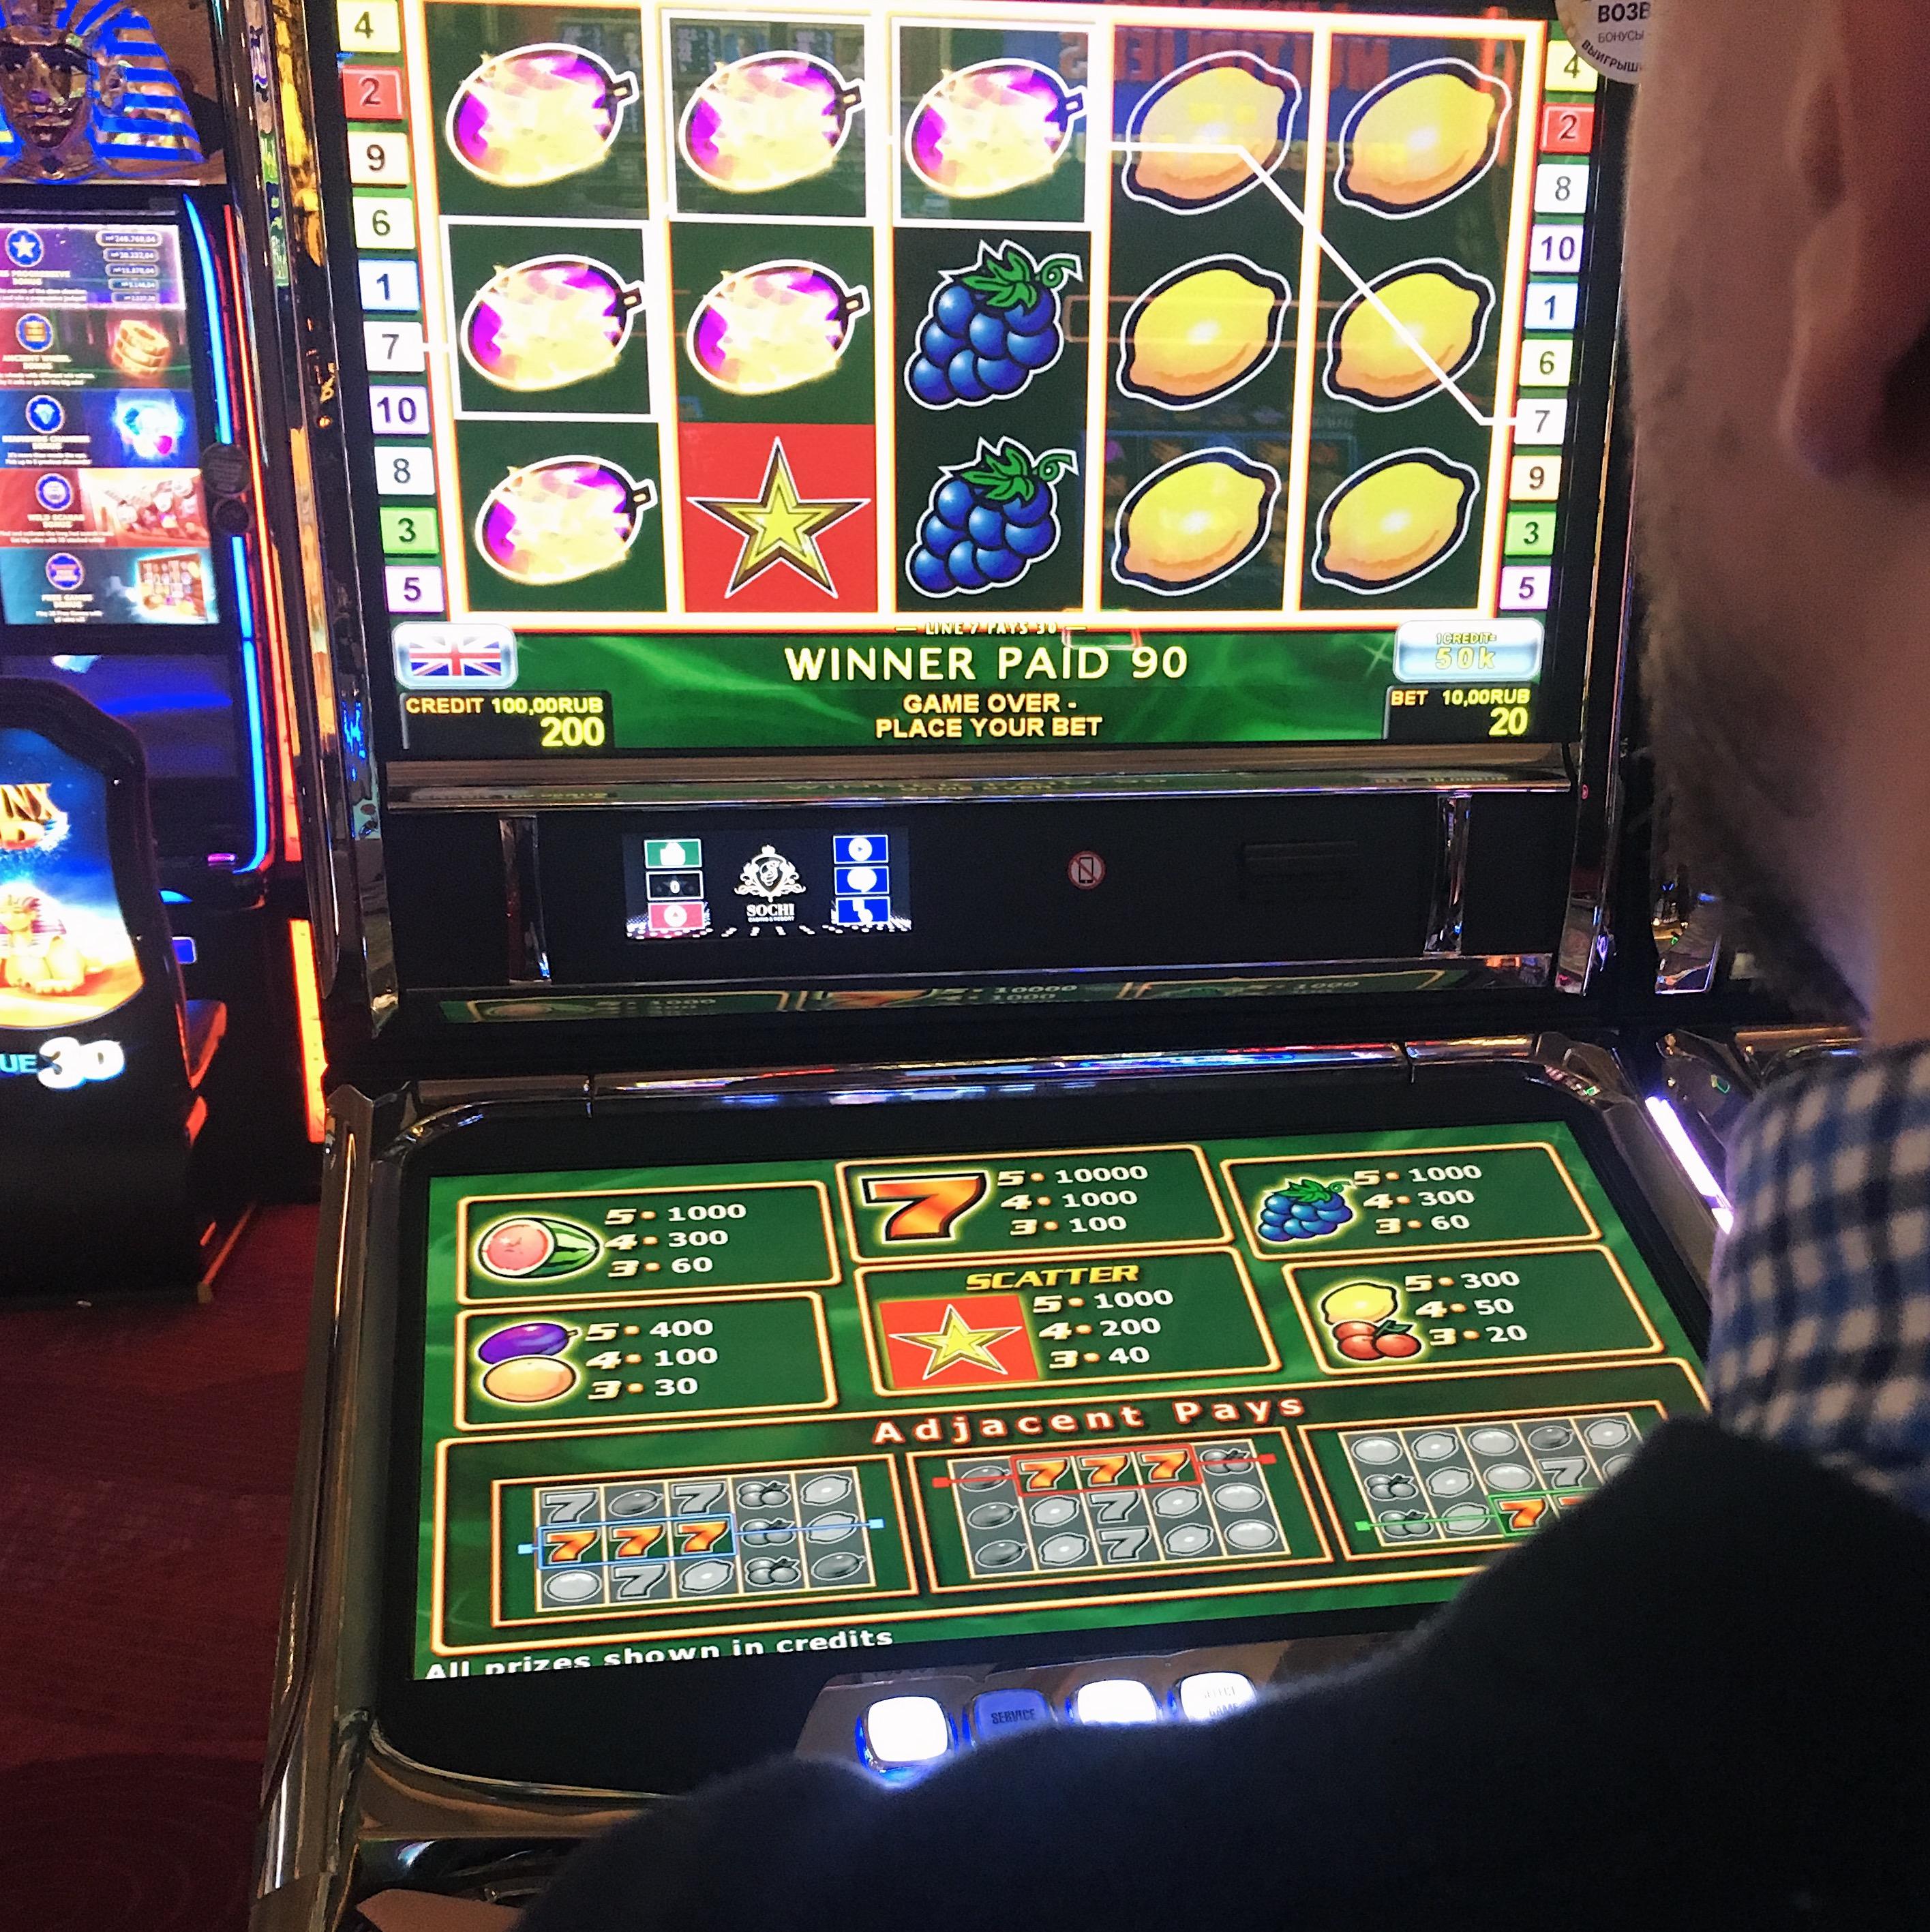 Казино дай пять автоматы игровые скачать на компьютер